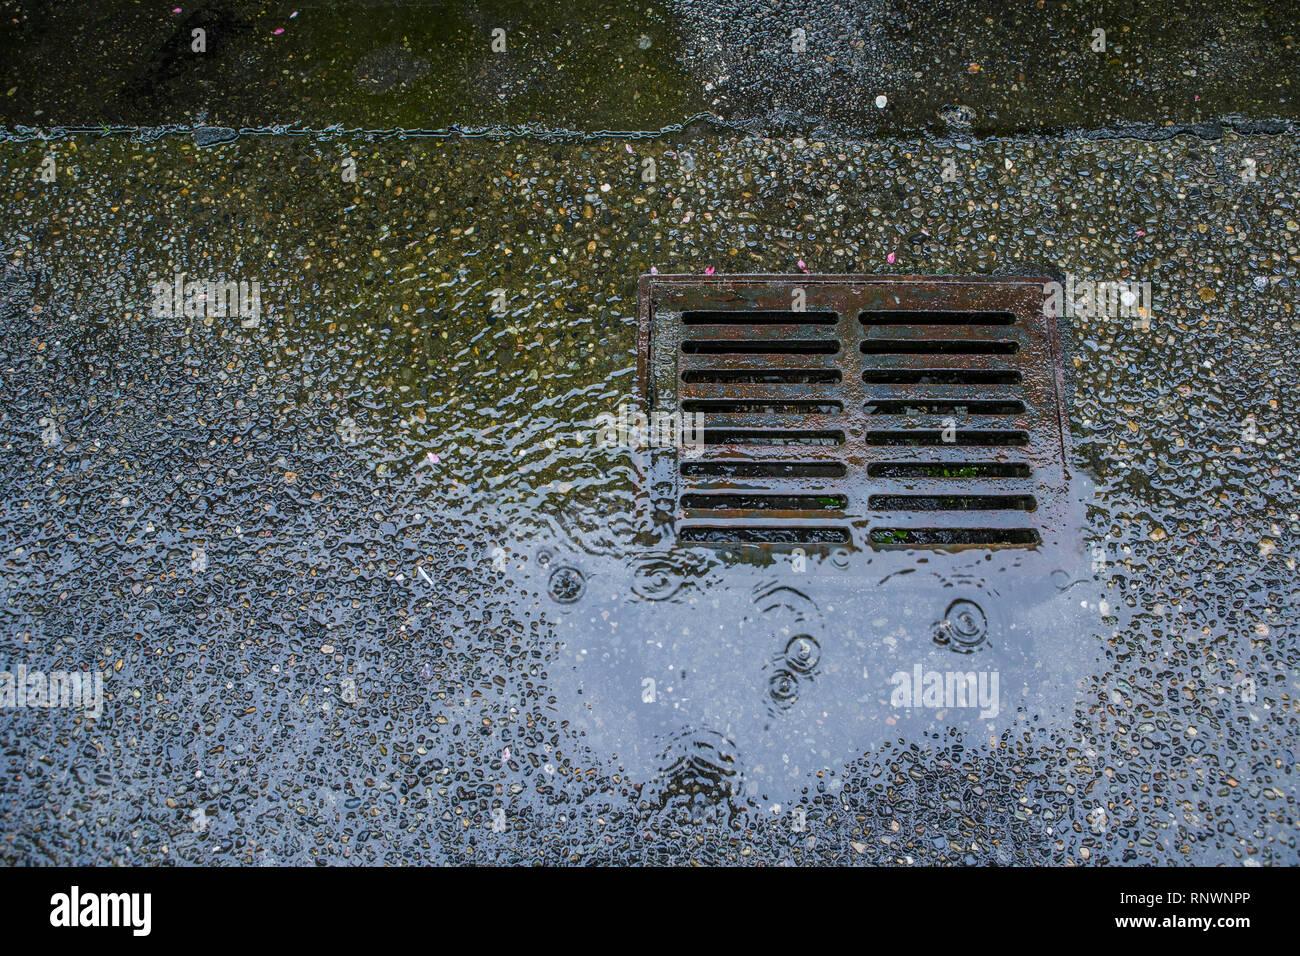 Une vidange des eaux de ruissellement dans une rue bétonnée. Photo Stock